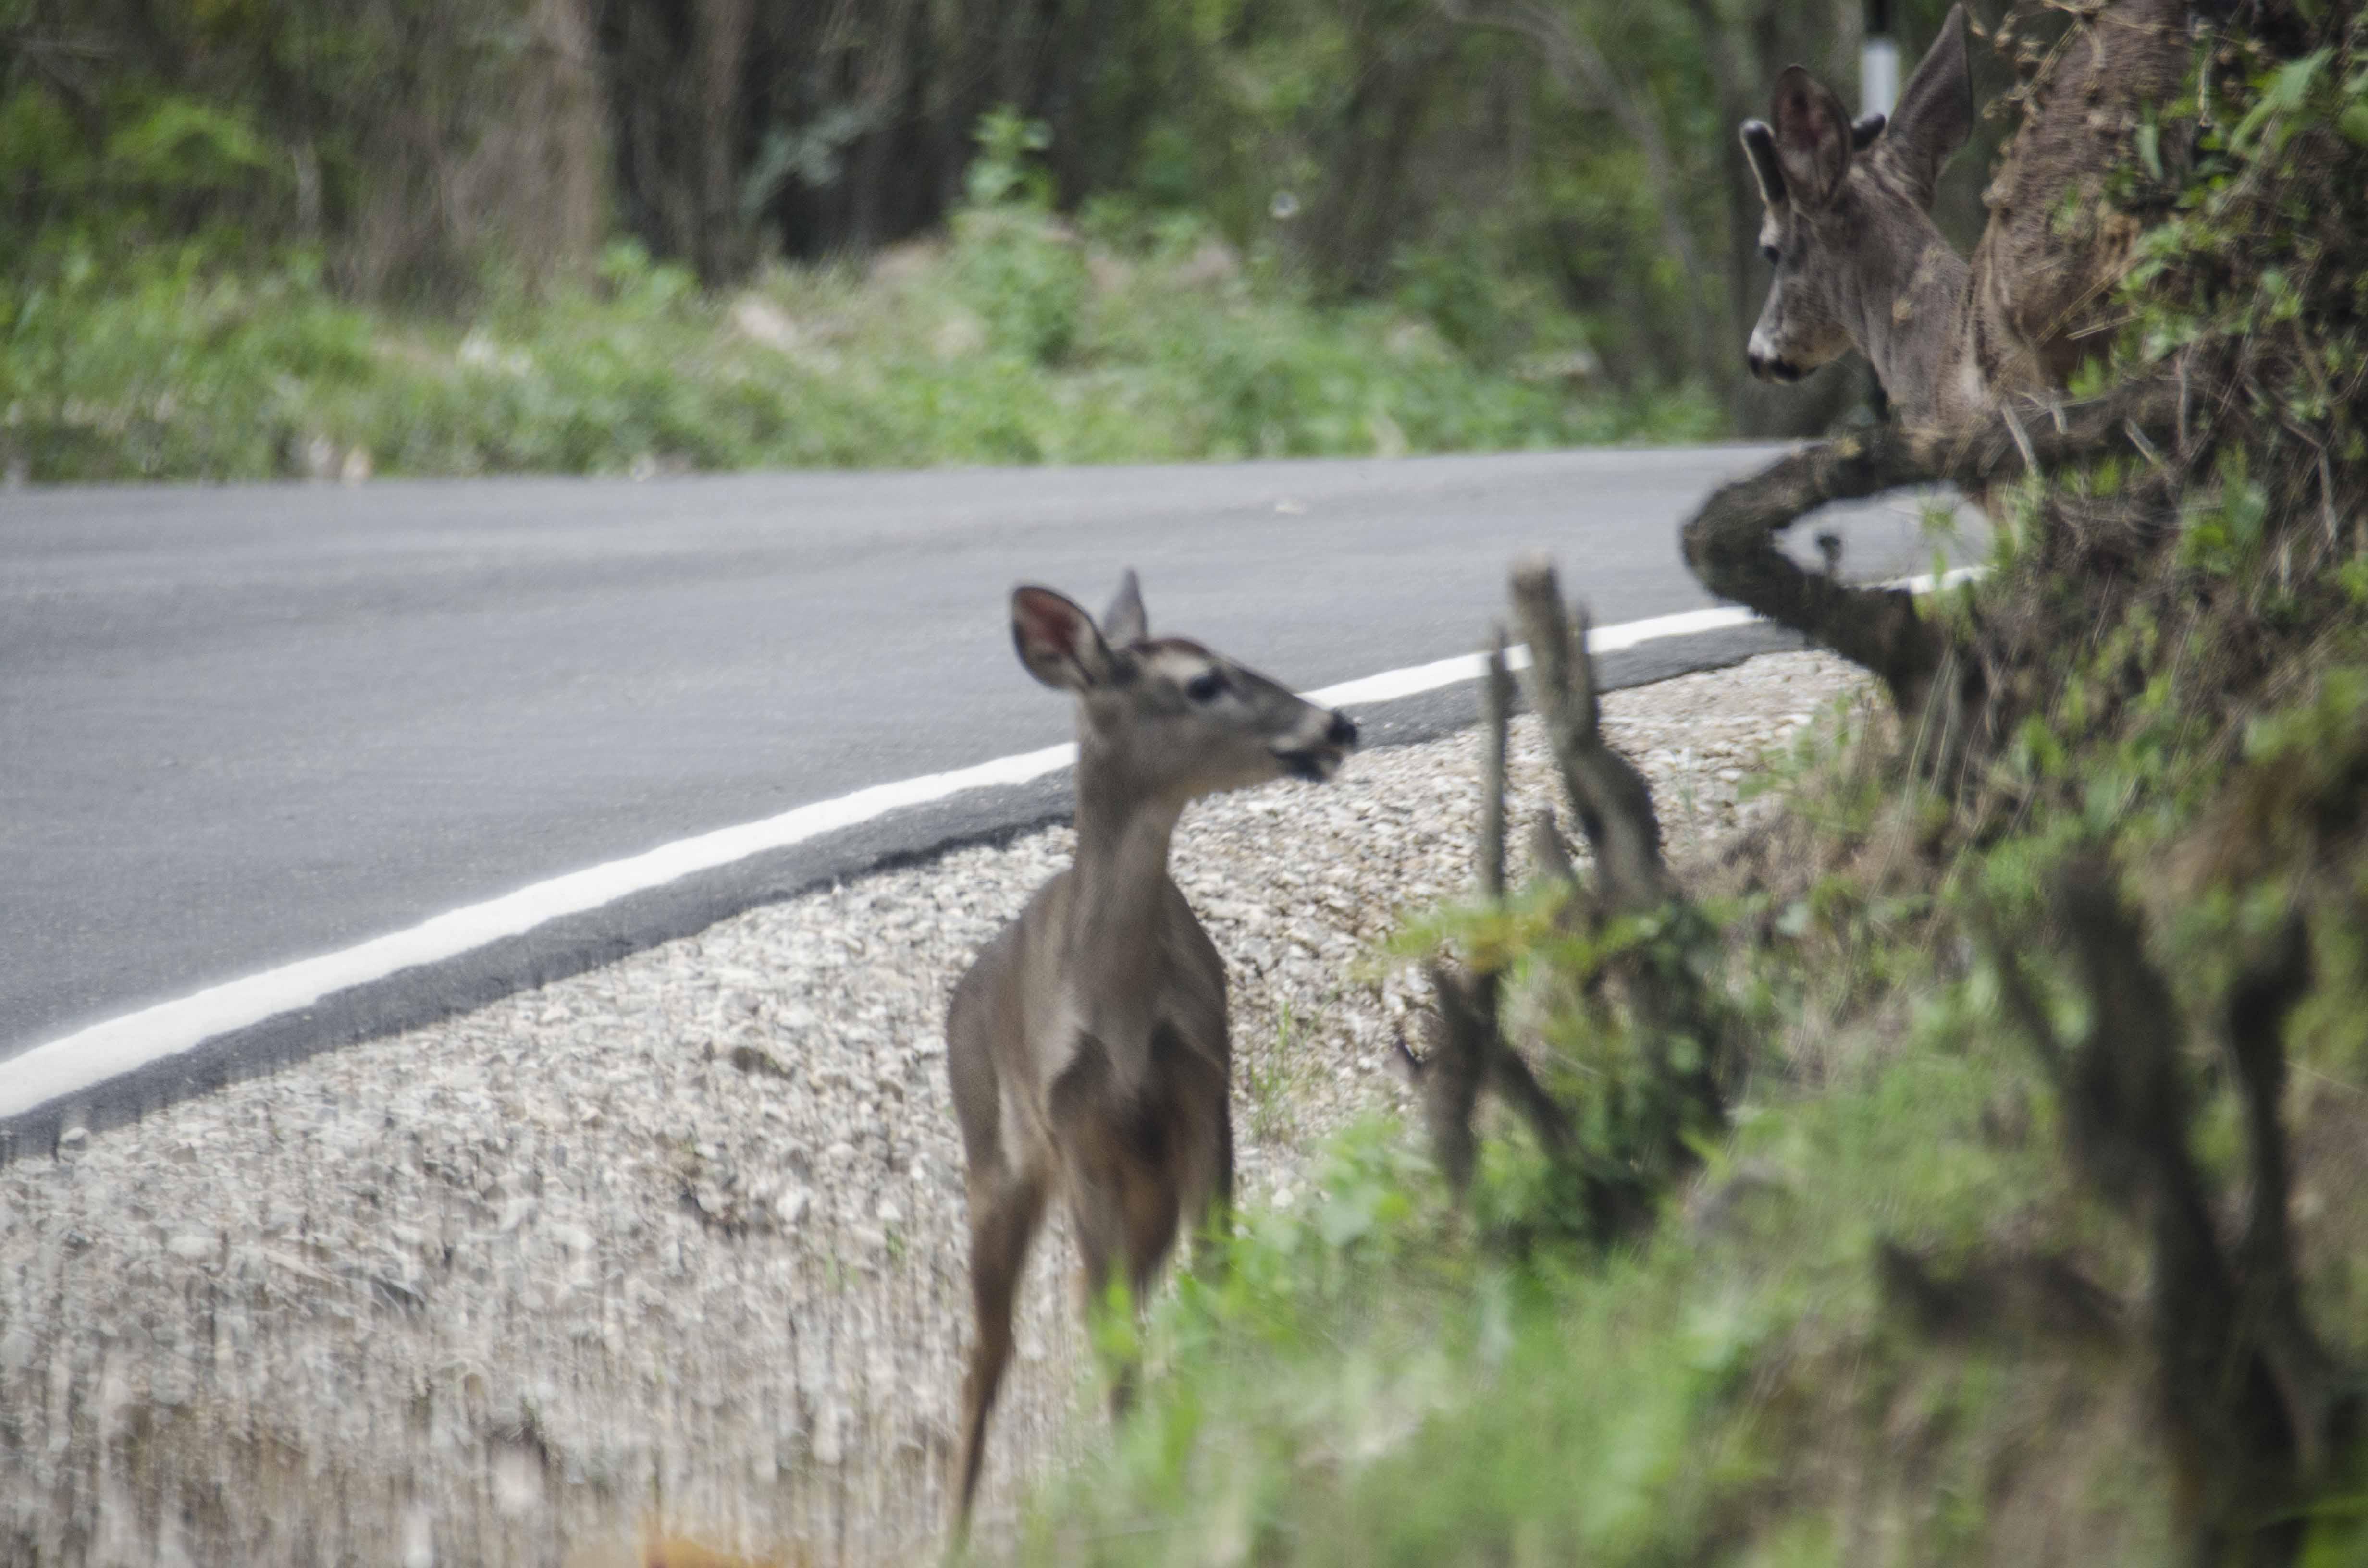 La fauna de la ACP Milpuj La Heredad está expuesta a los atropellos al cruzar la carretera que pasa cerca al área de conservación. Foto: Pedro Heredia / Wagner Guzmán